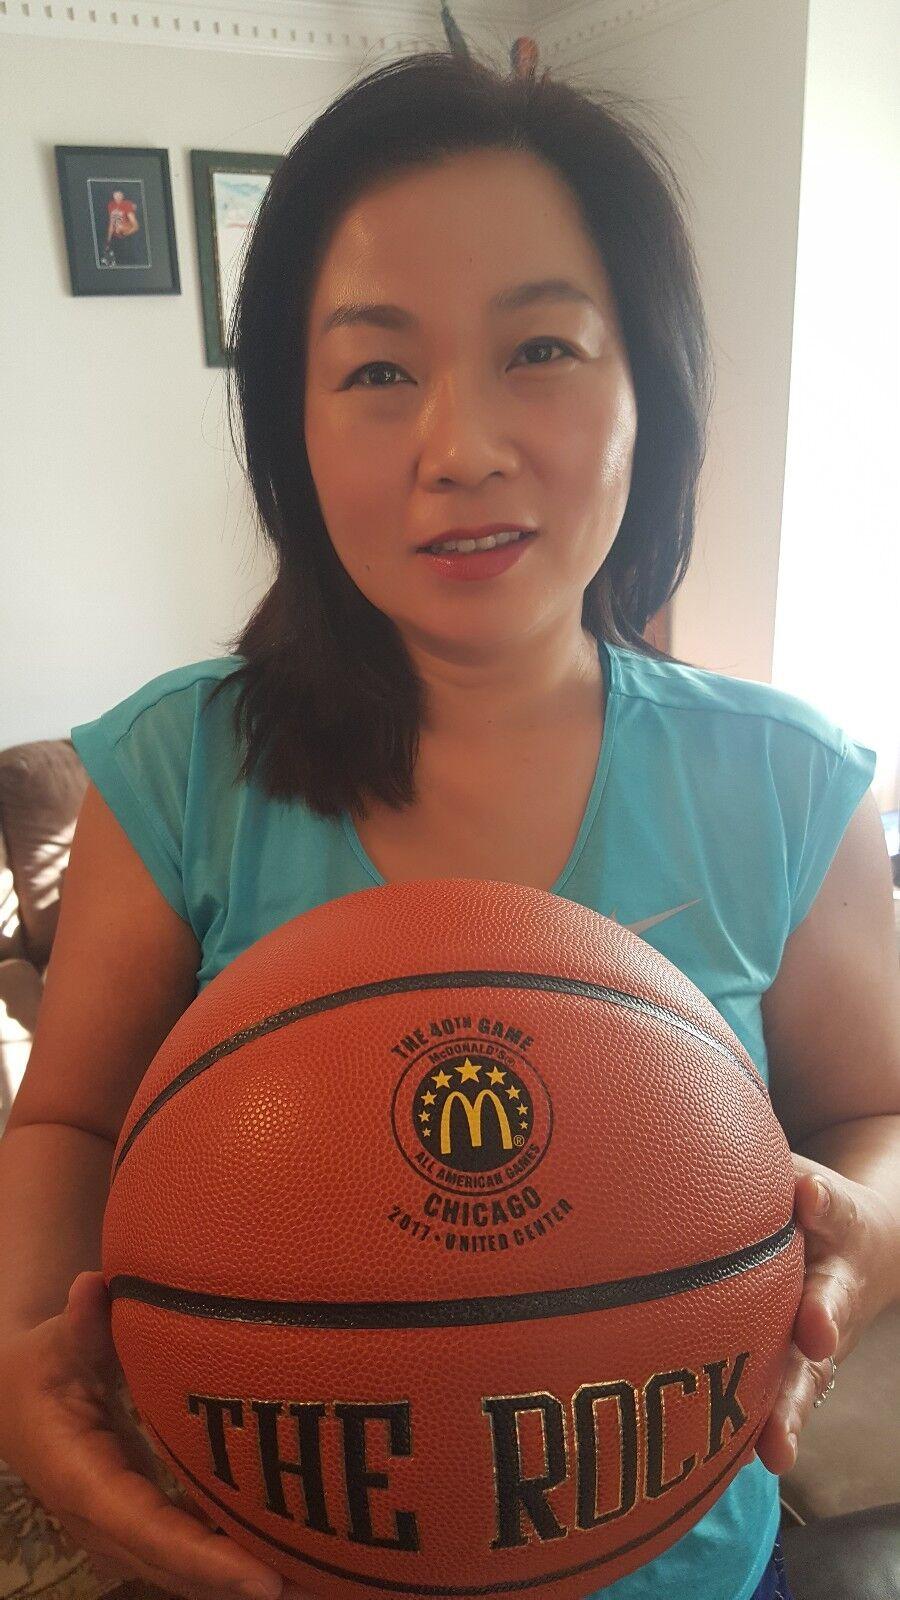 2017 McDonald's All-American Game Bola Baloncesto jugado el 29 de marzo 2017 de la NBA